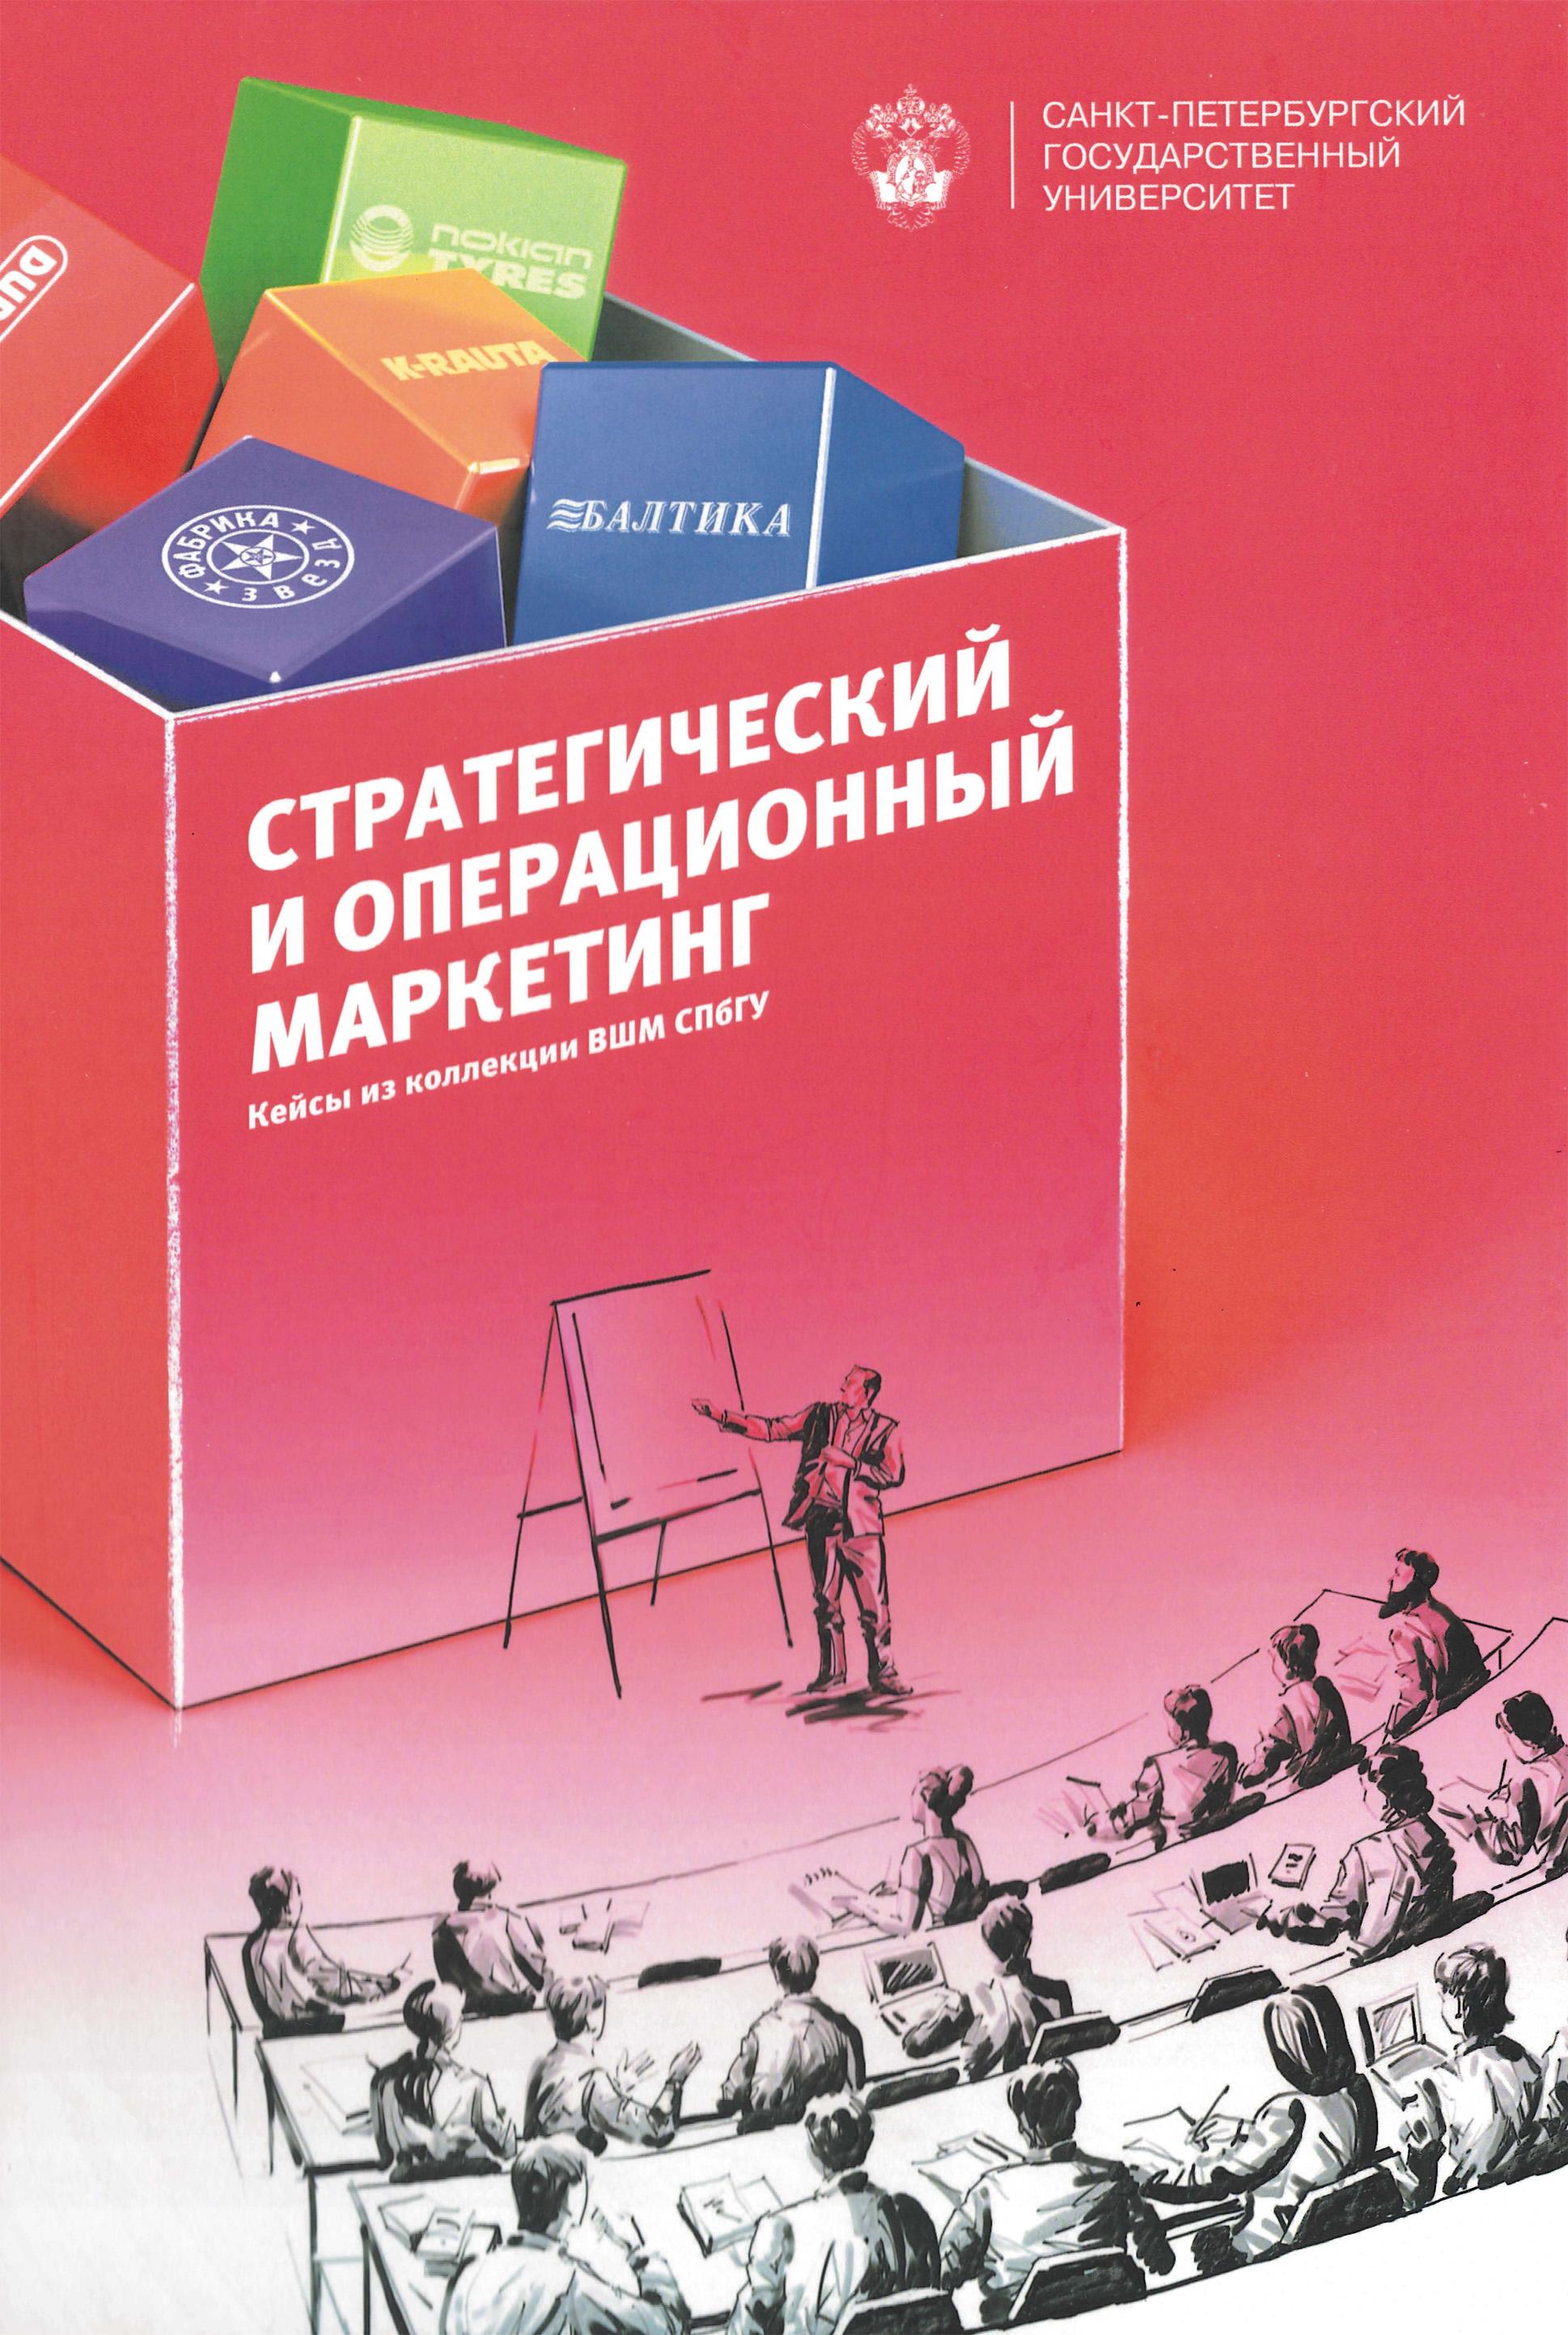 Сборник Стратегический и операционный маркетинг. Кейсы из коллекции ВШМ СПбГУ